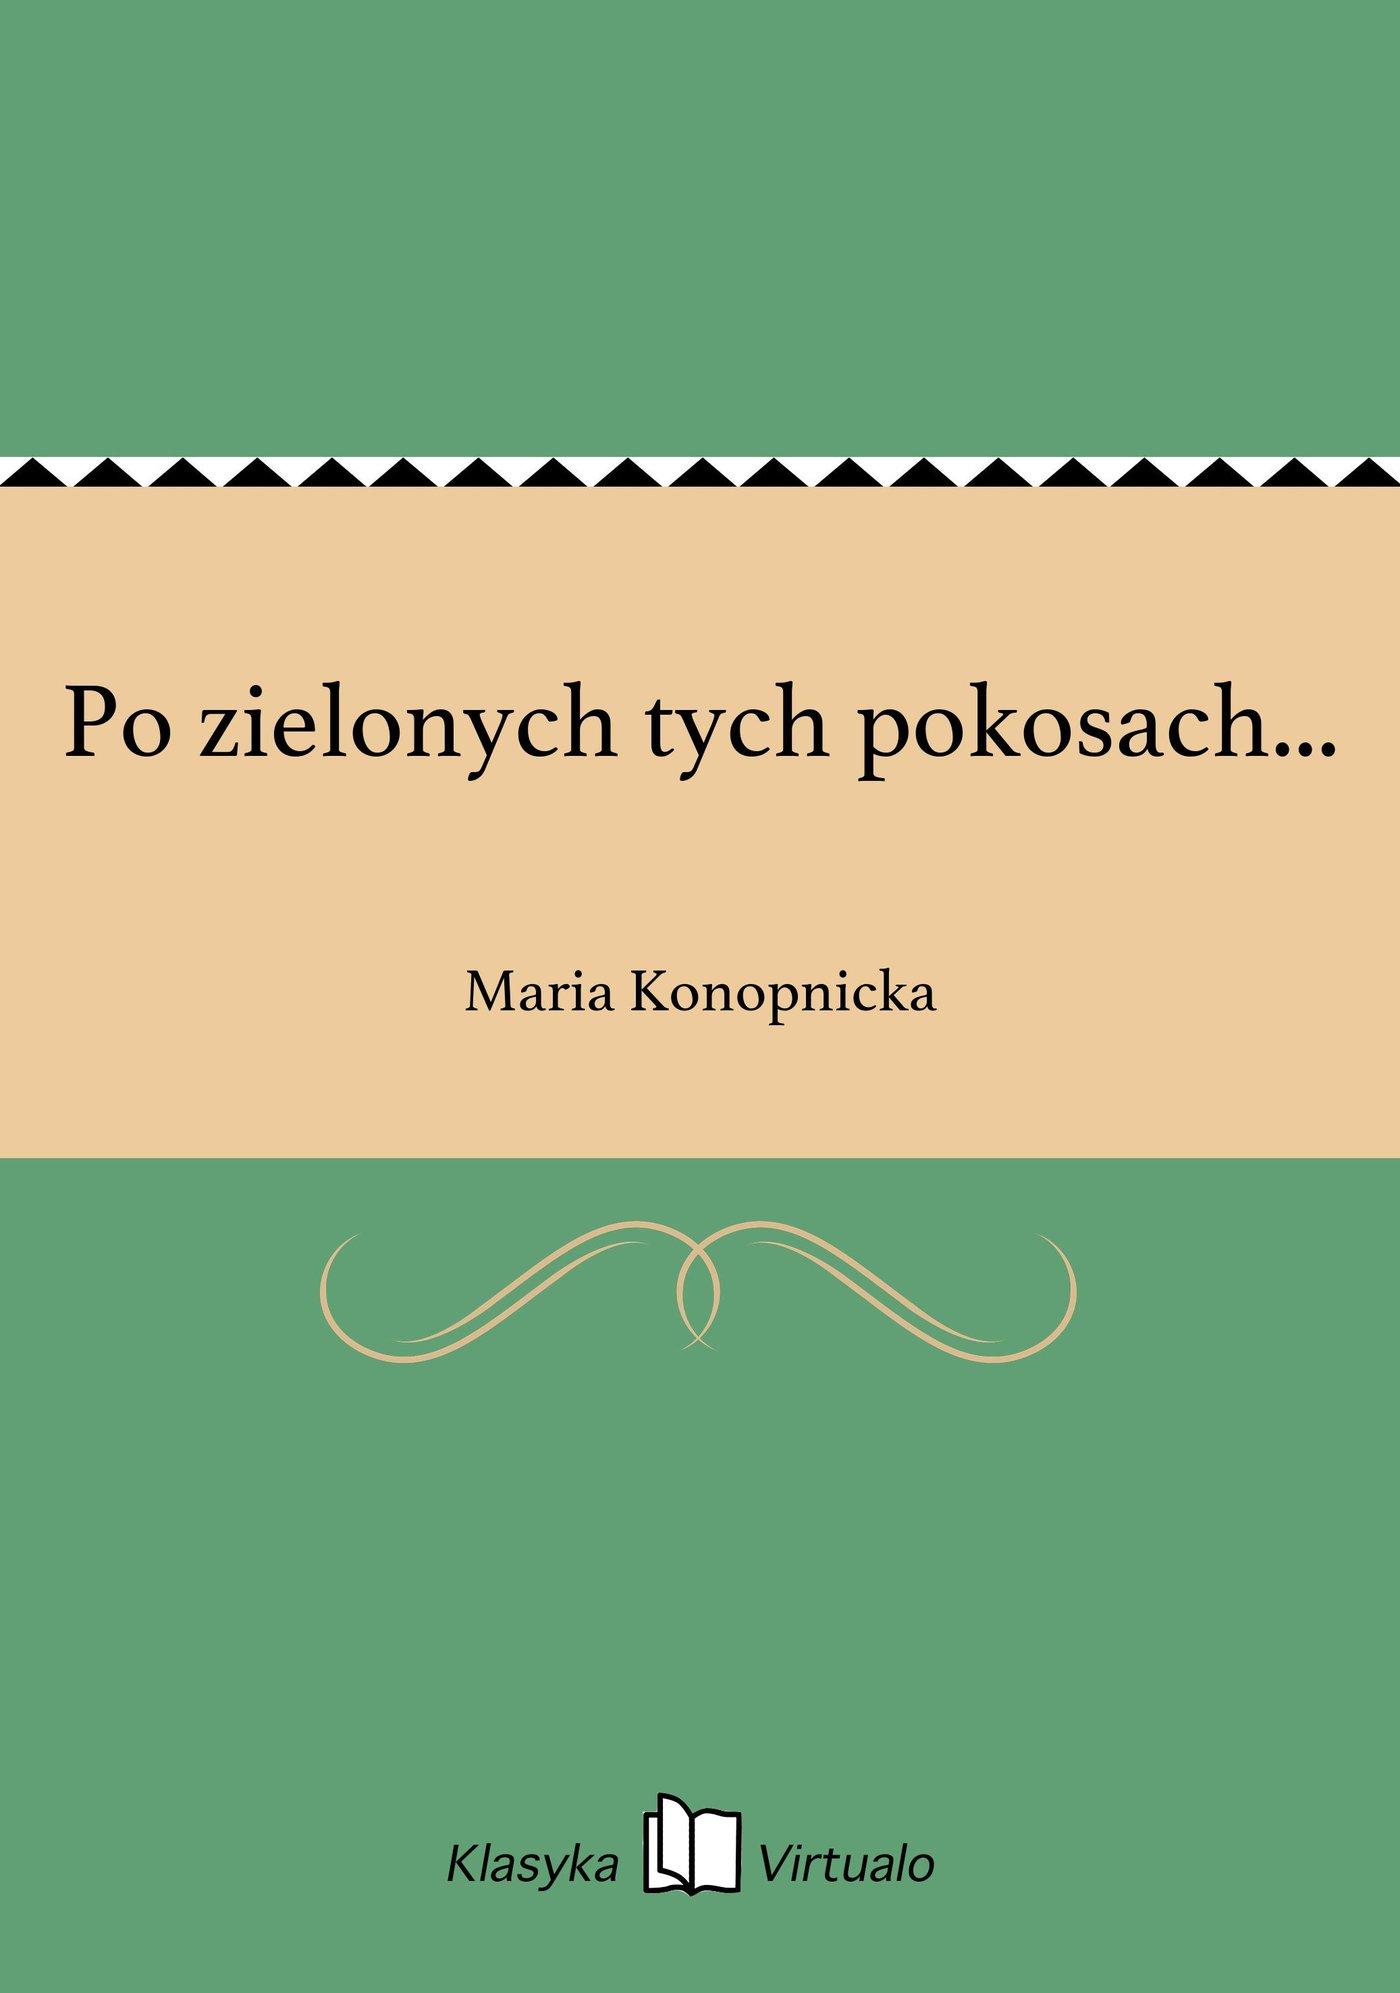 Po zielonych tych pokosach... - Ebook (Książka EPUB) do pobrania w formacie EPUB